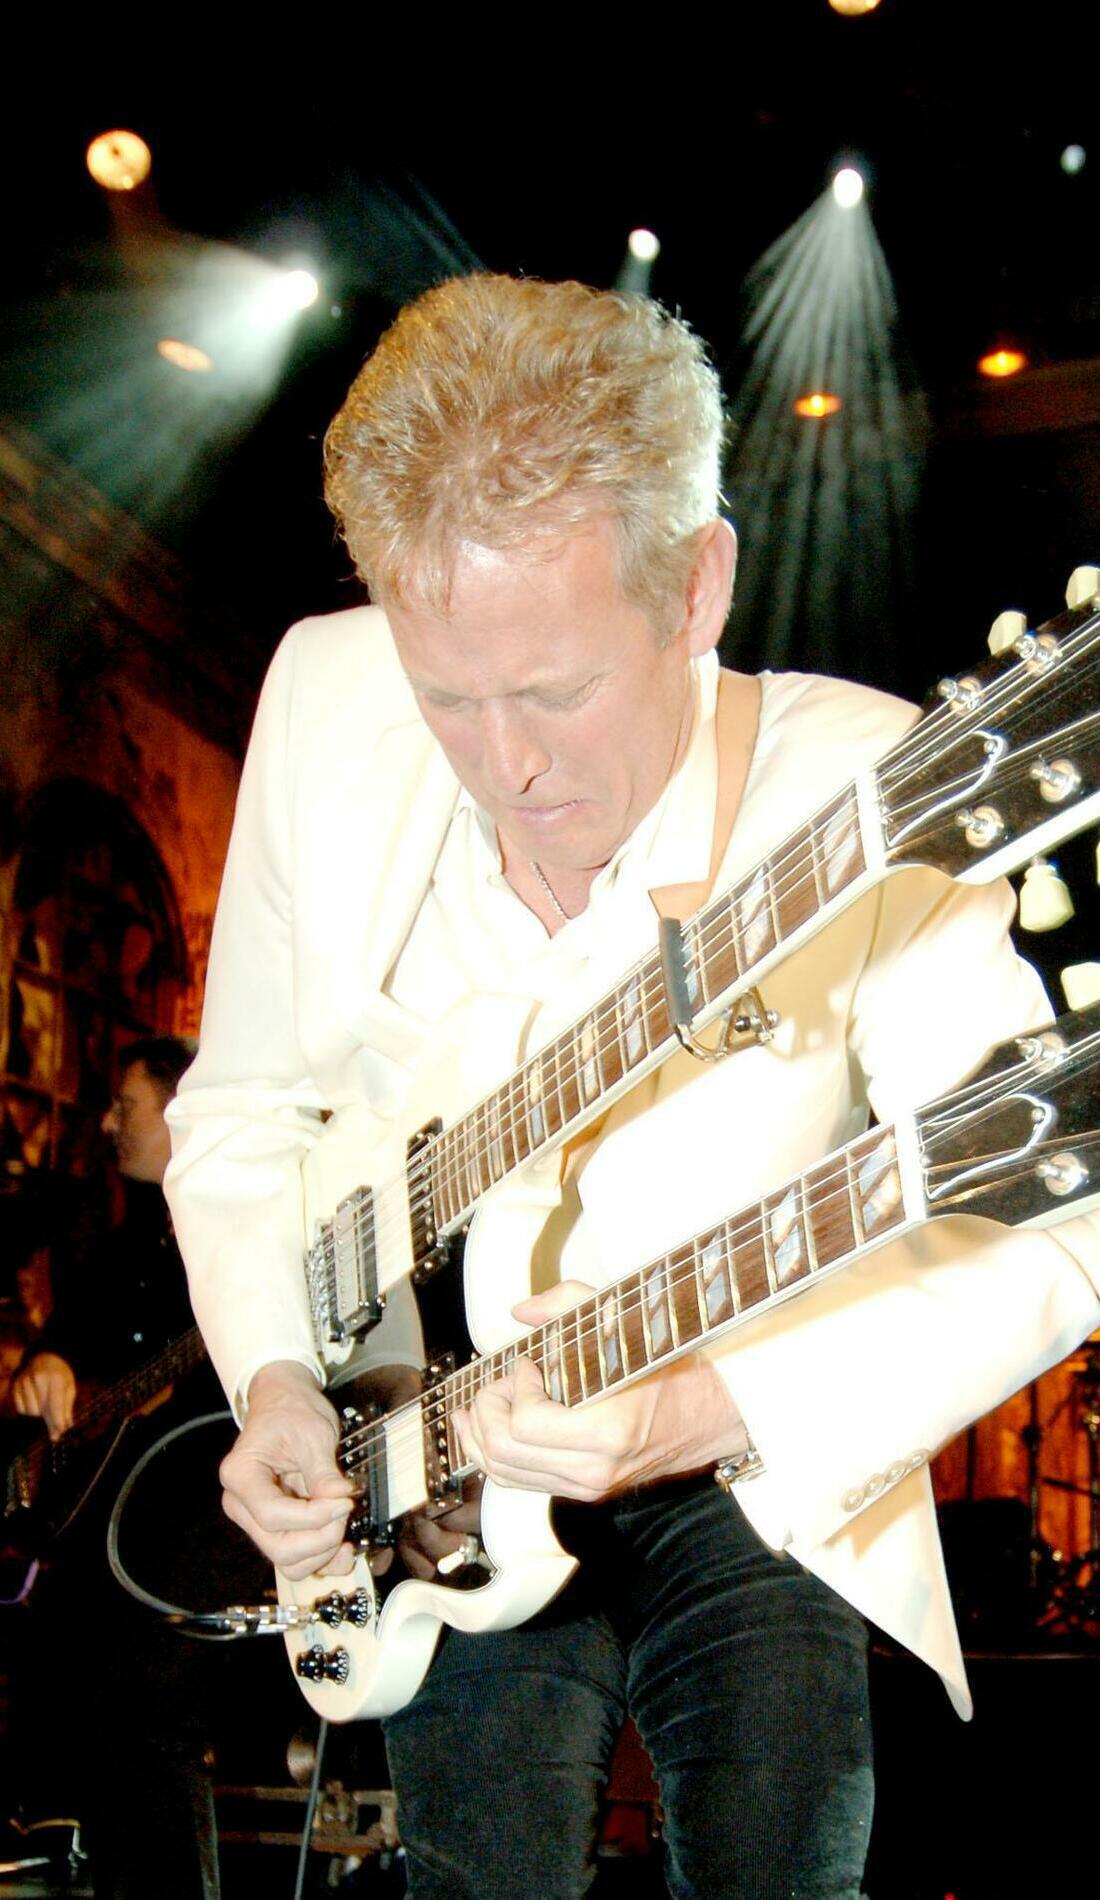 A Don Felder live event